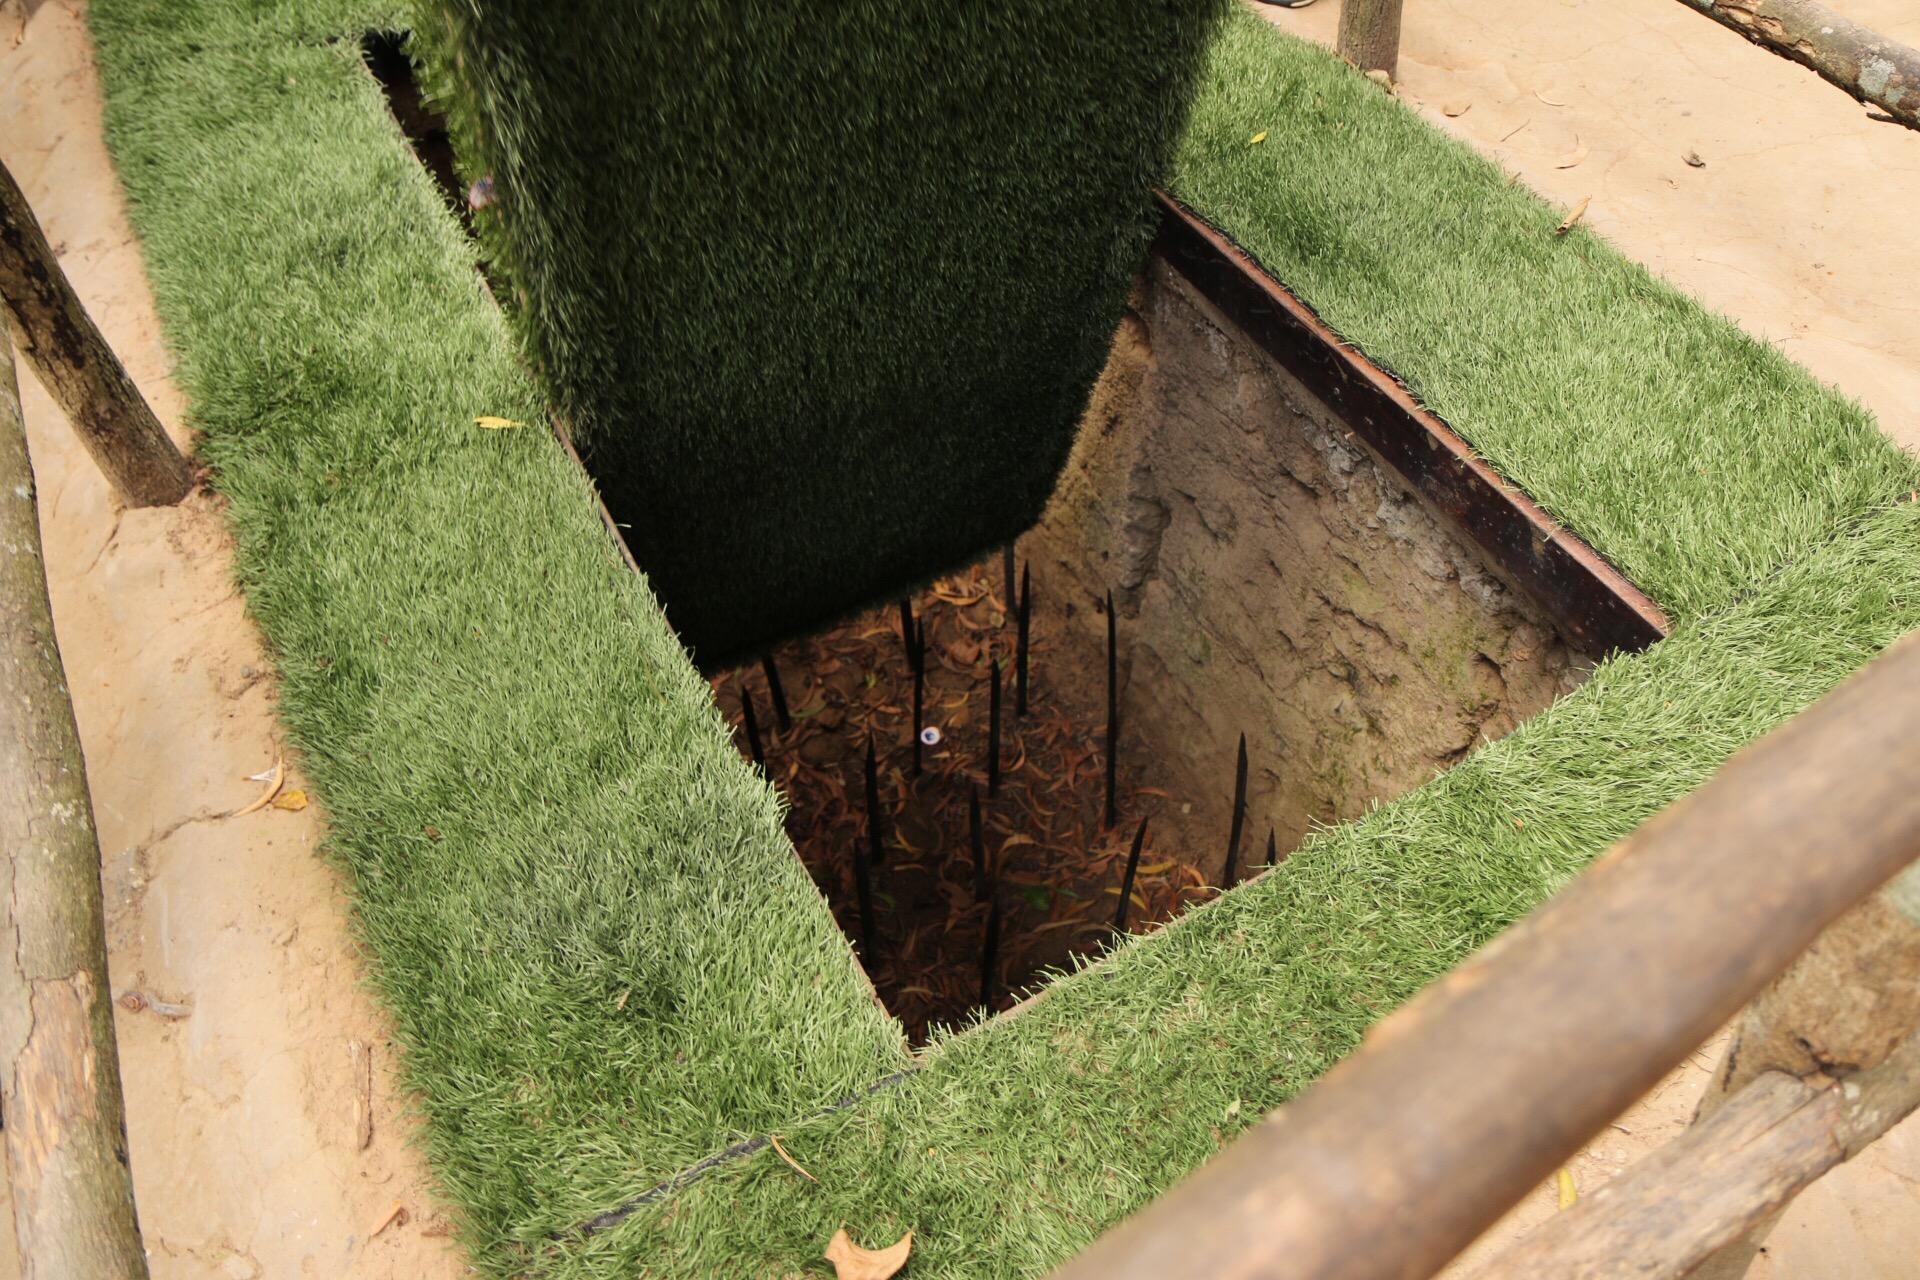 In der Grube warten dann rostige Metallspieße mit zahlreichen Widerhaken...